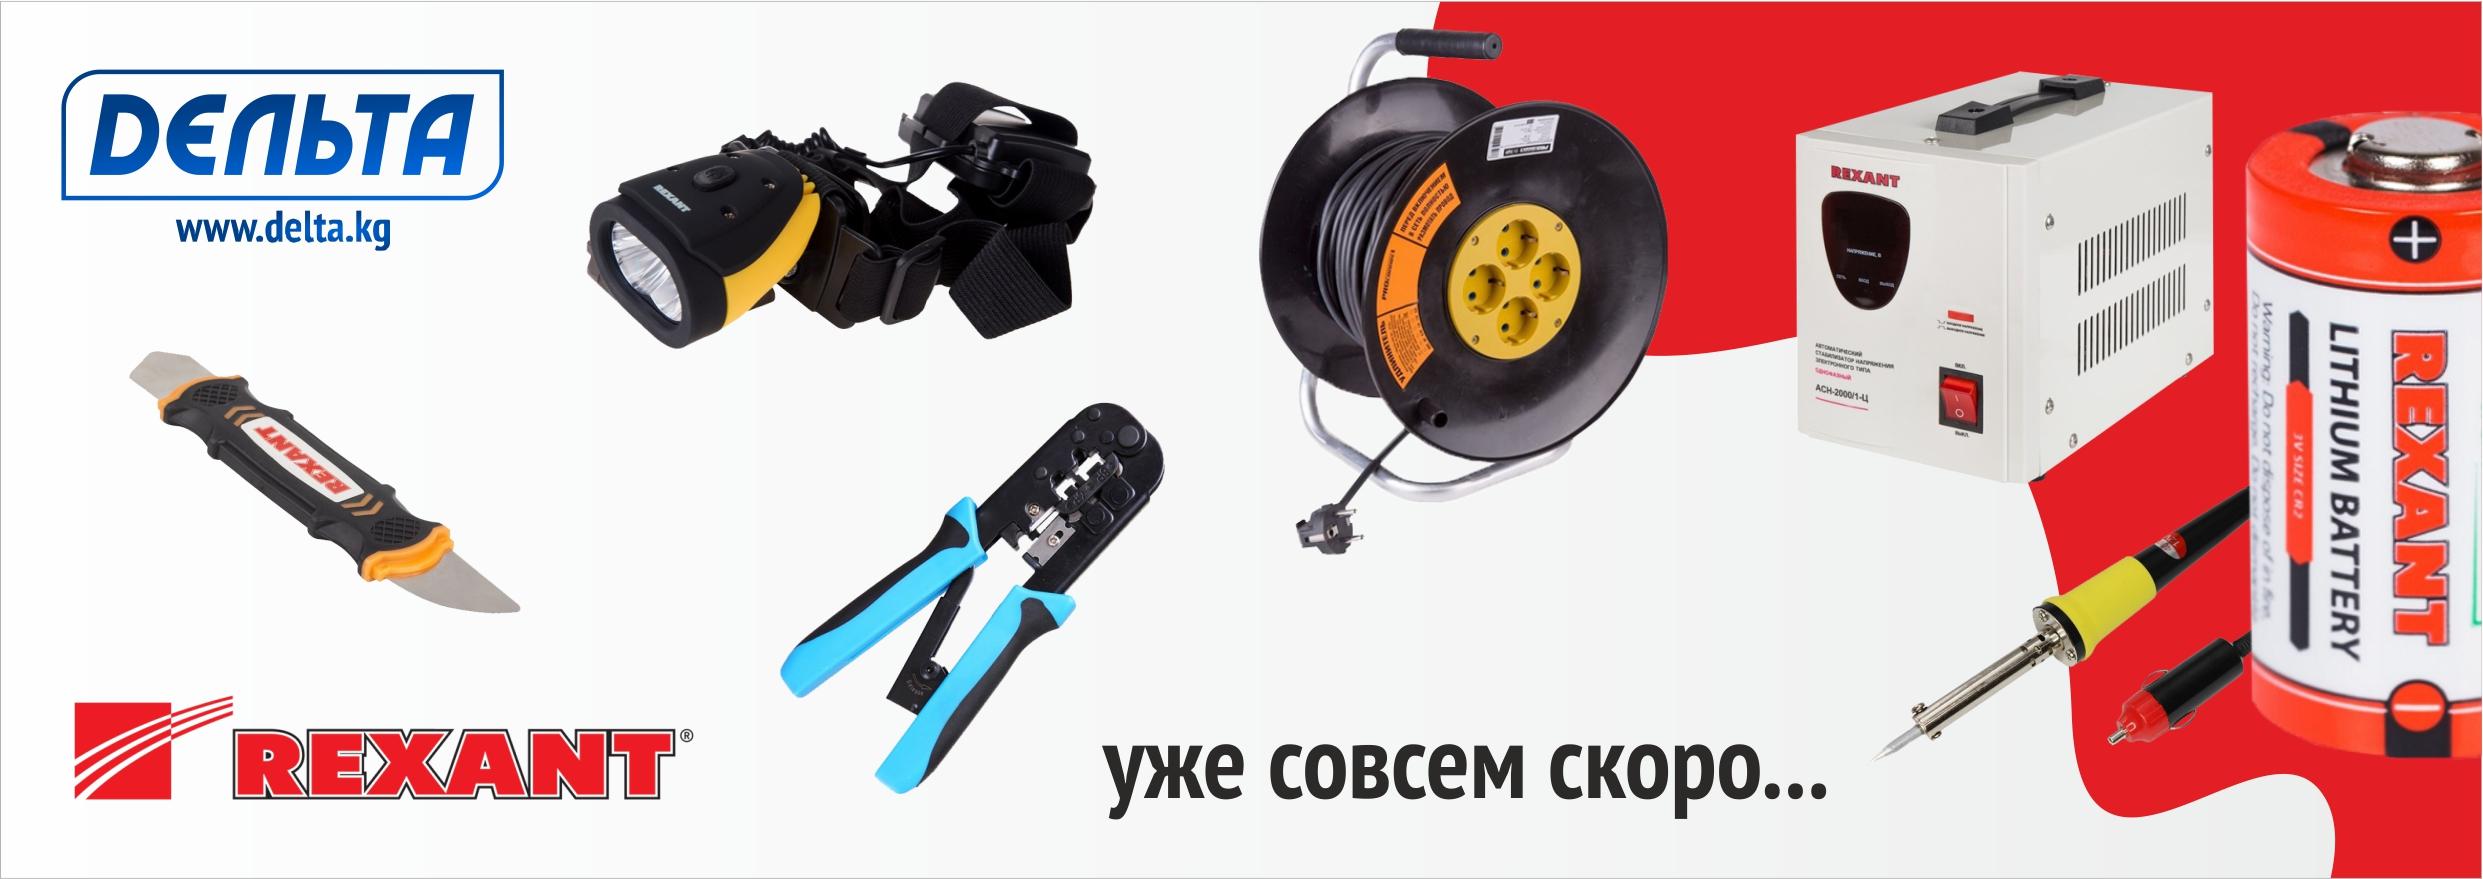 Ожидается новое поступление продукция Rexant